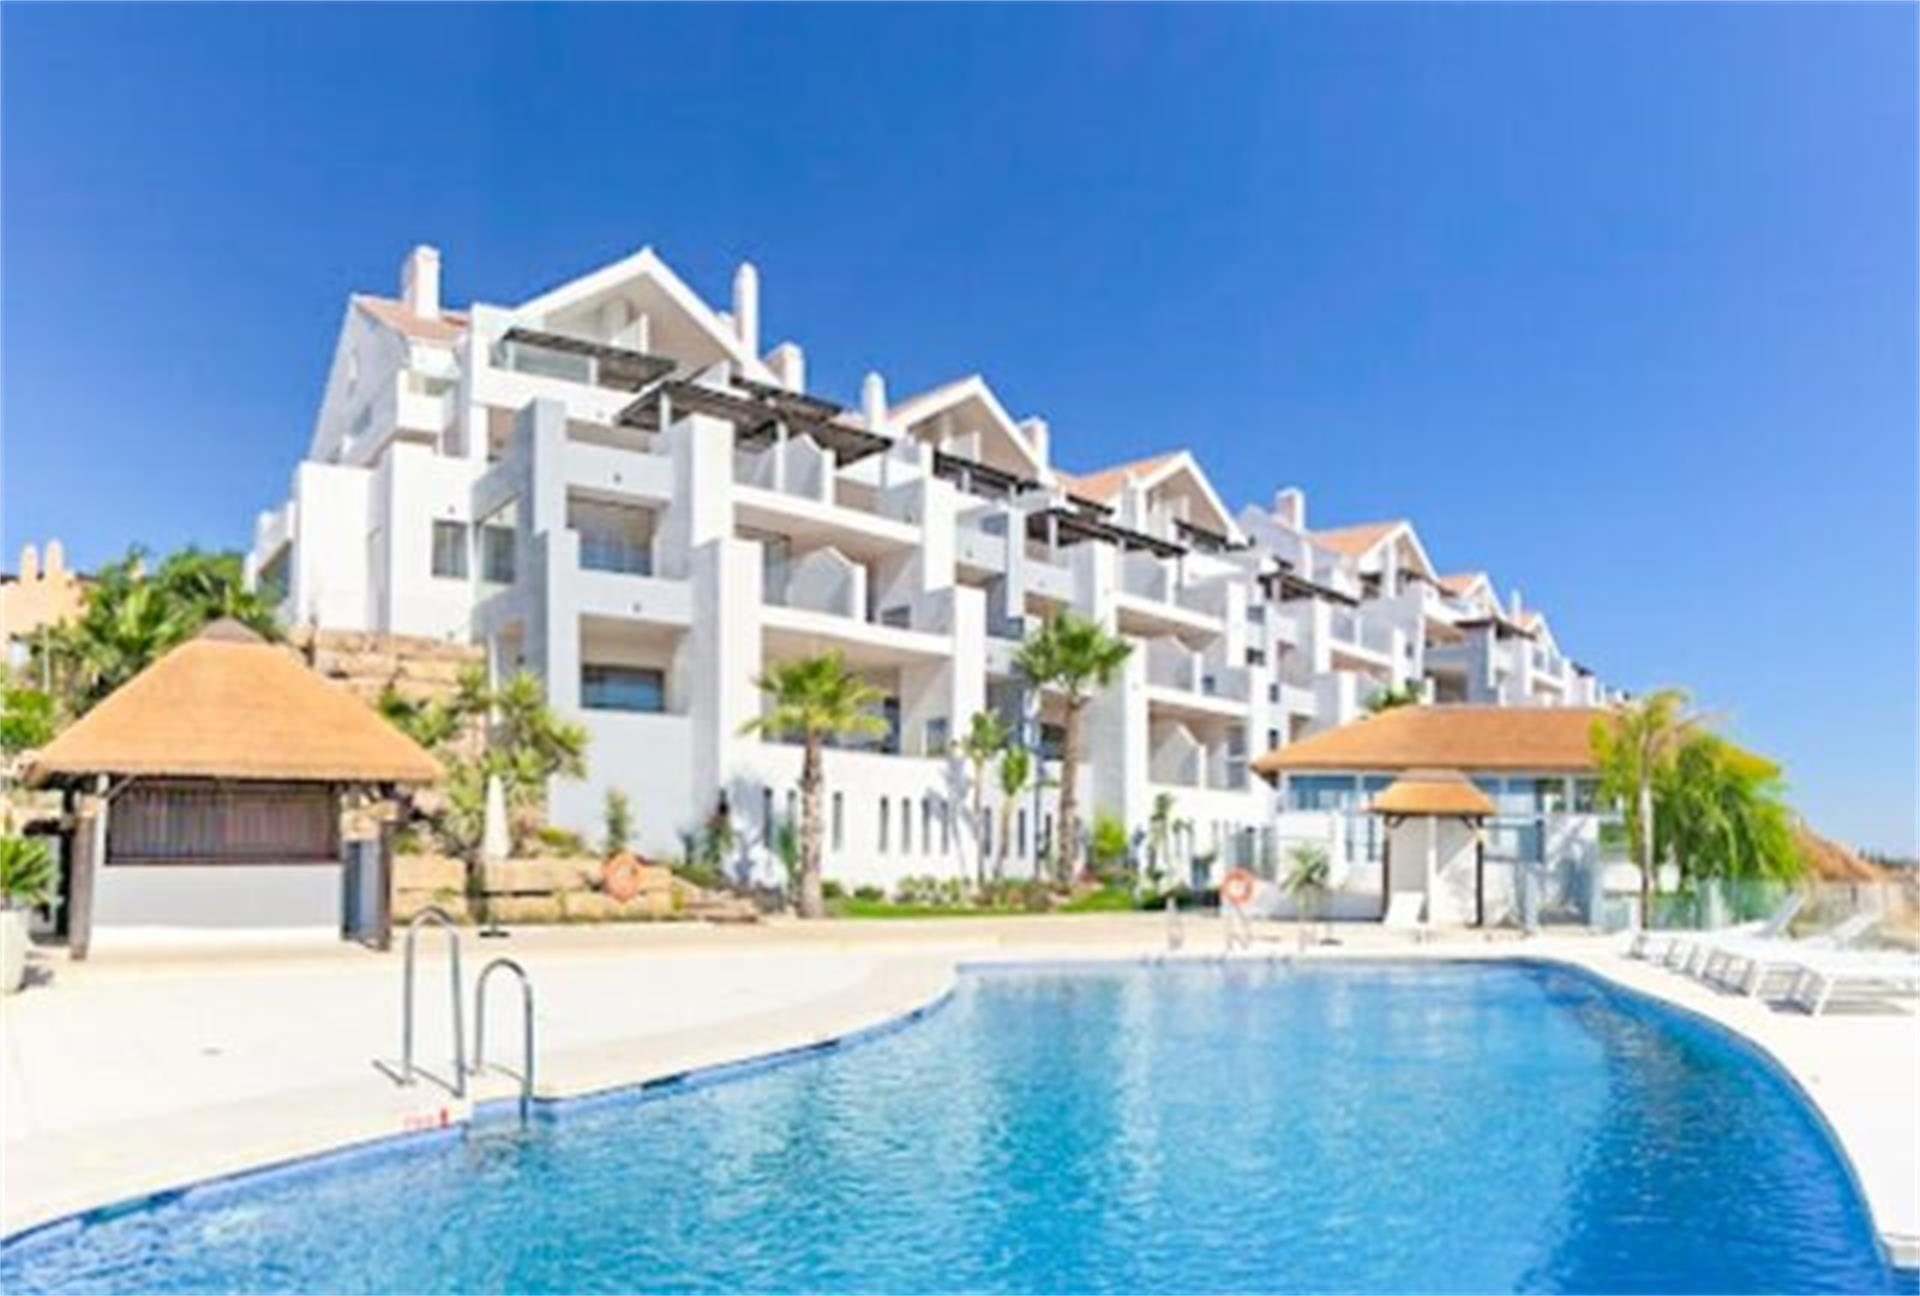 Apartamento de alquiler en Plaza Arquitecto Riviera del Sol (Mijas, Málaga)